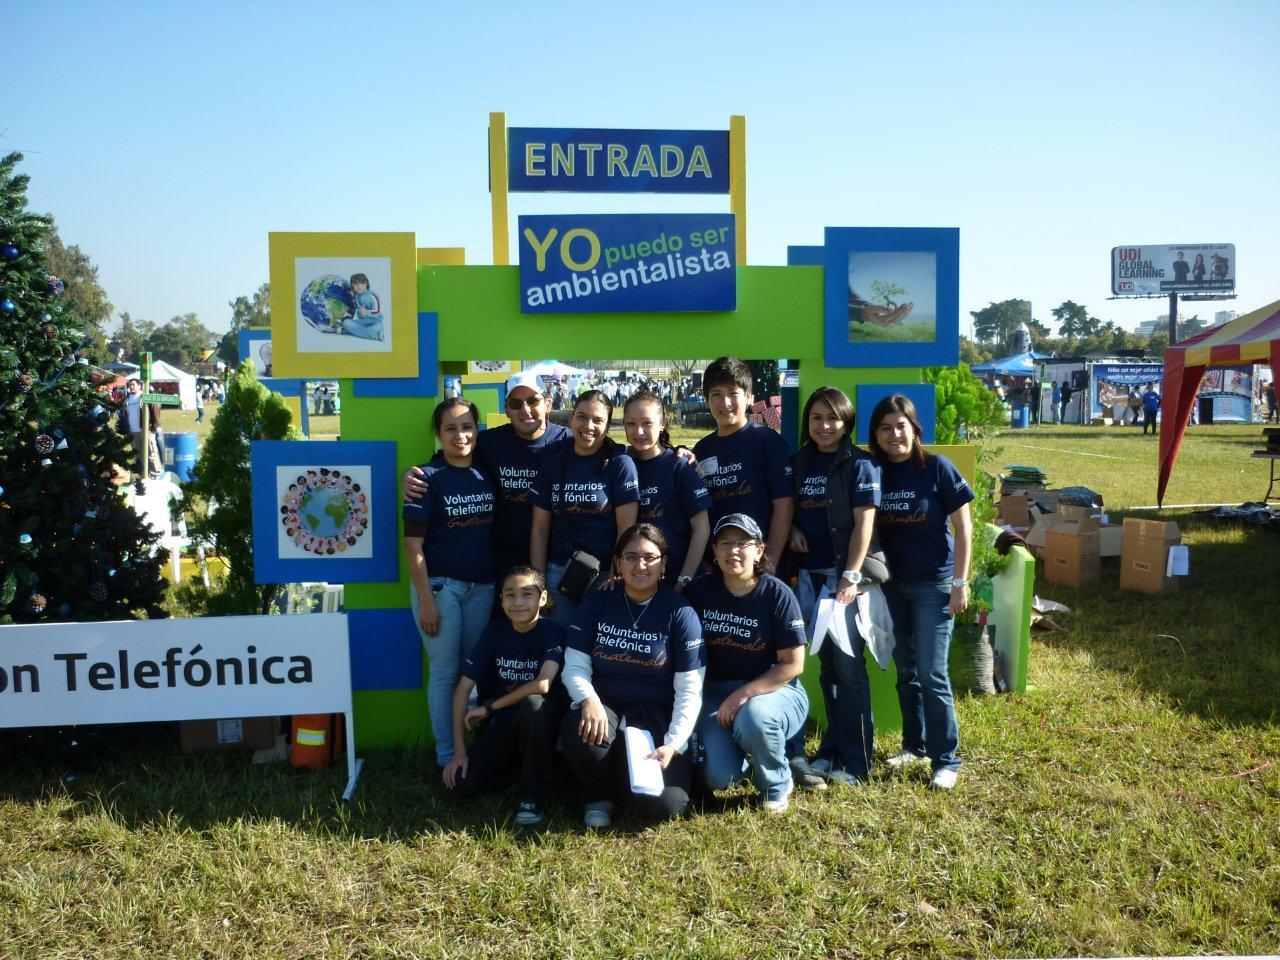 El primer grupo de Voluntarios llegó a la Feria a las 6 de la mañana